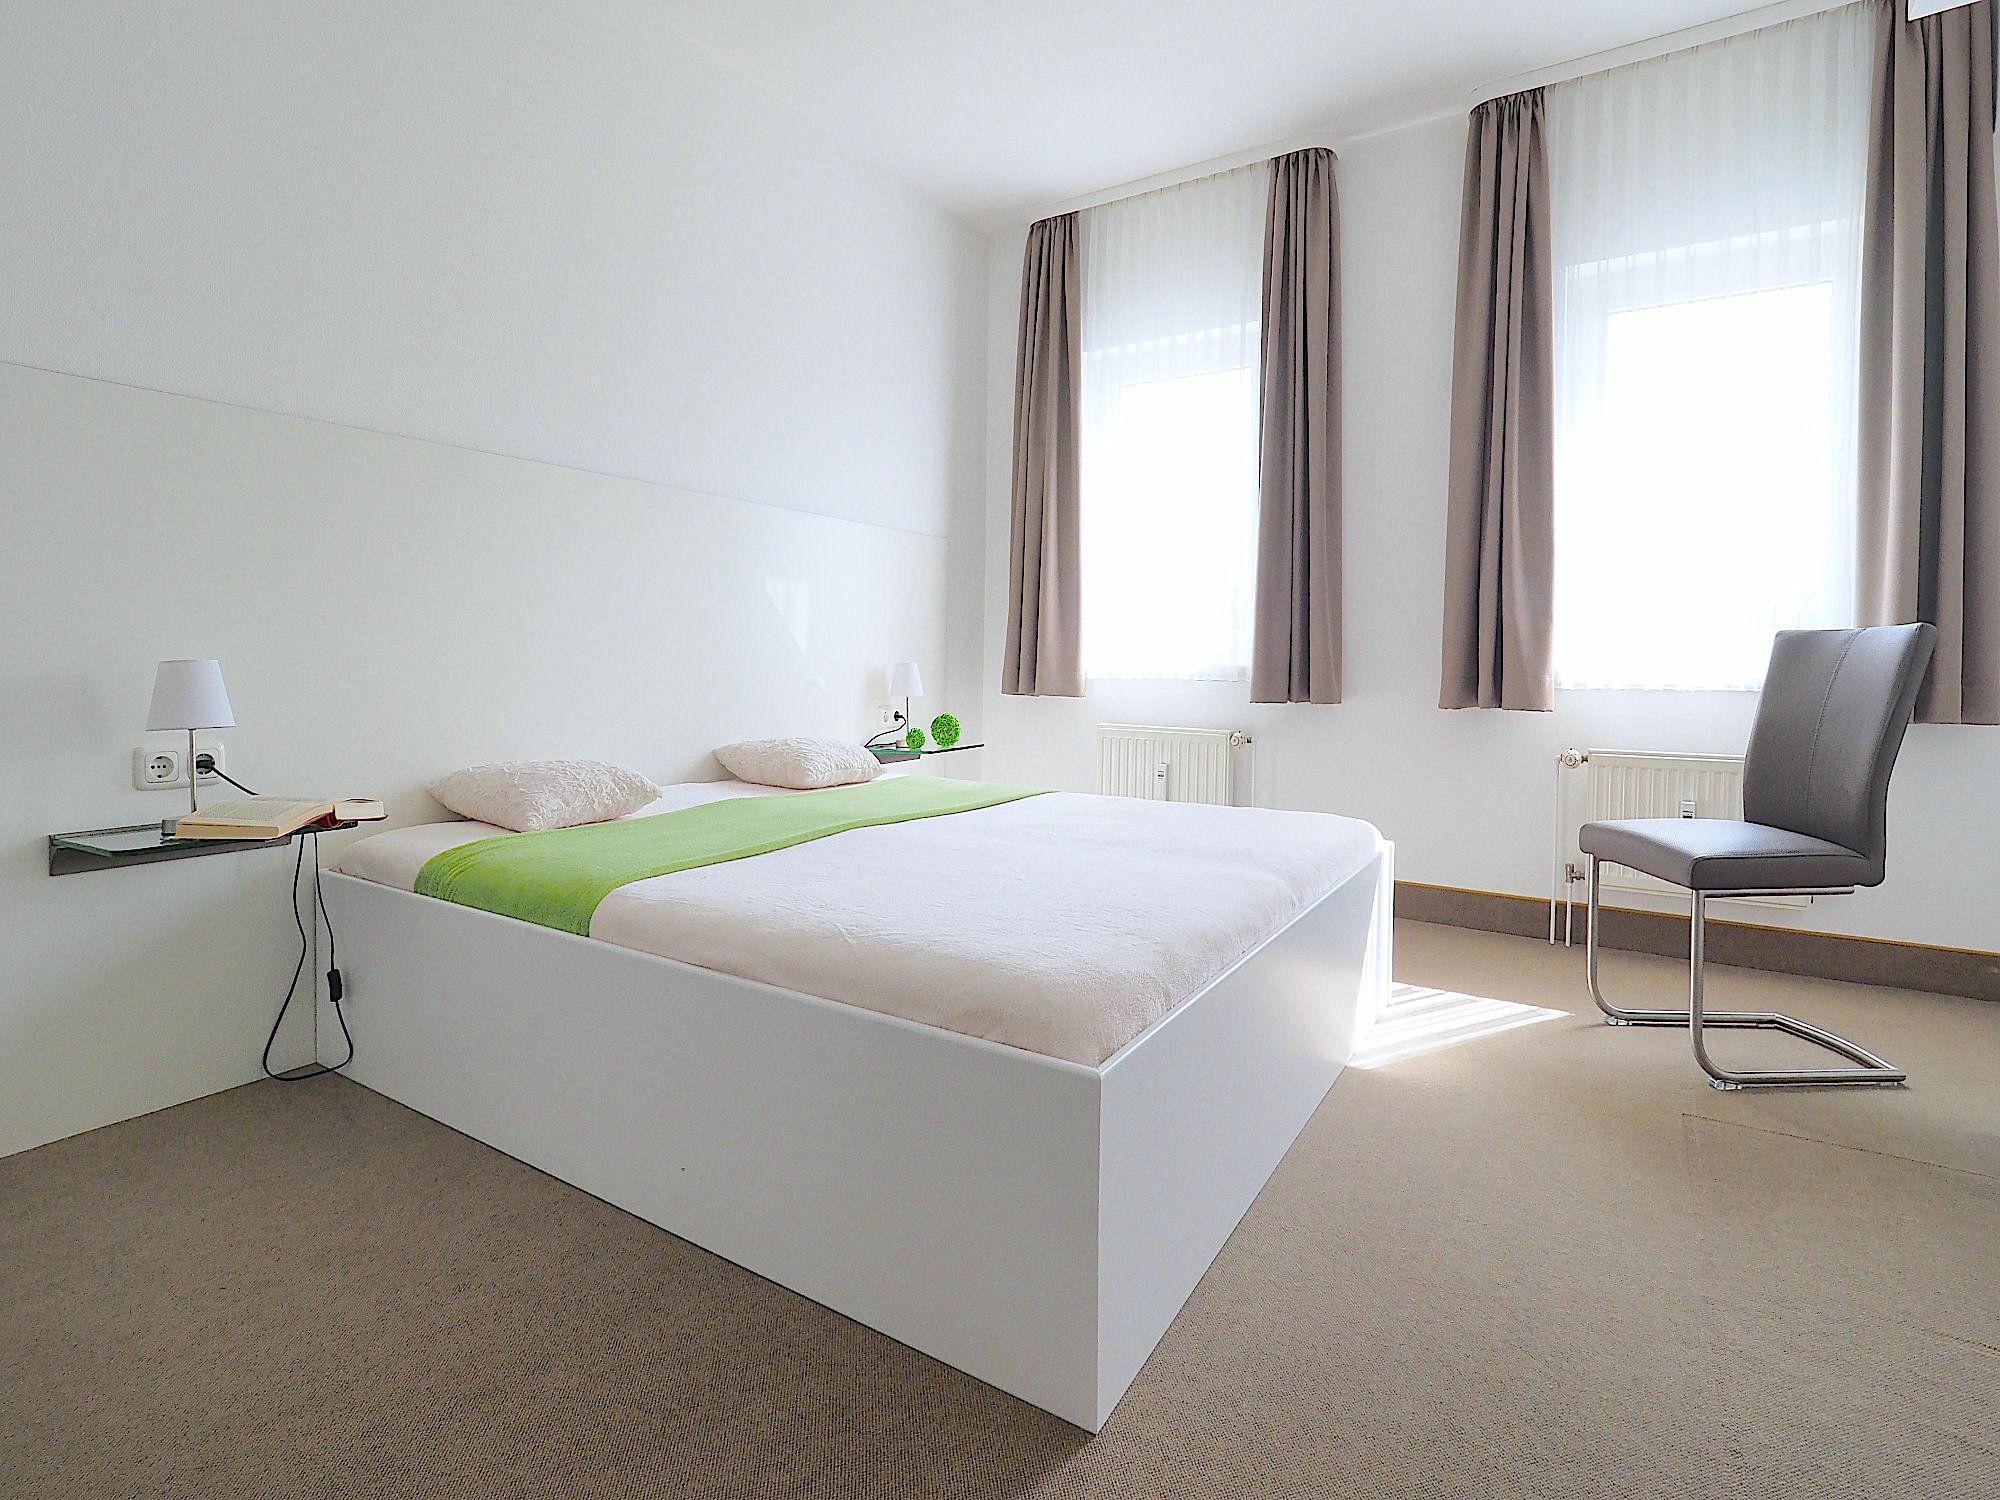 Schlafzimmer mit Doppelbett, rechts davon zwei große Fenster